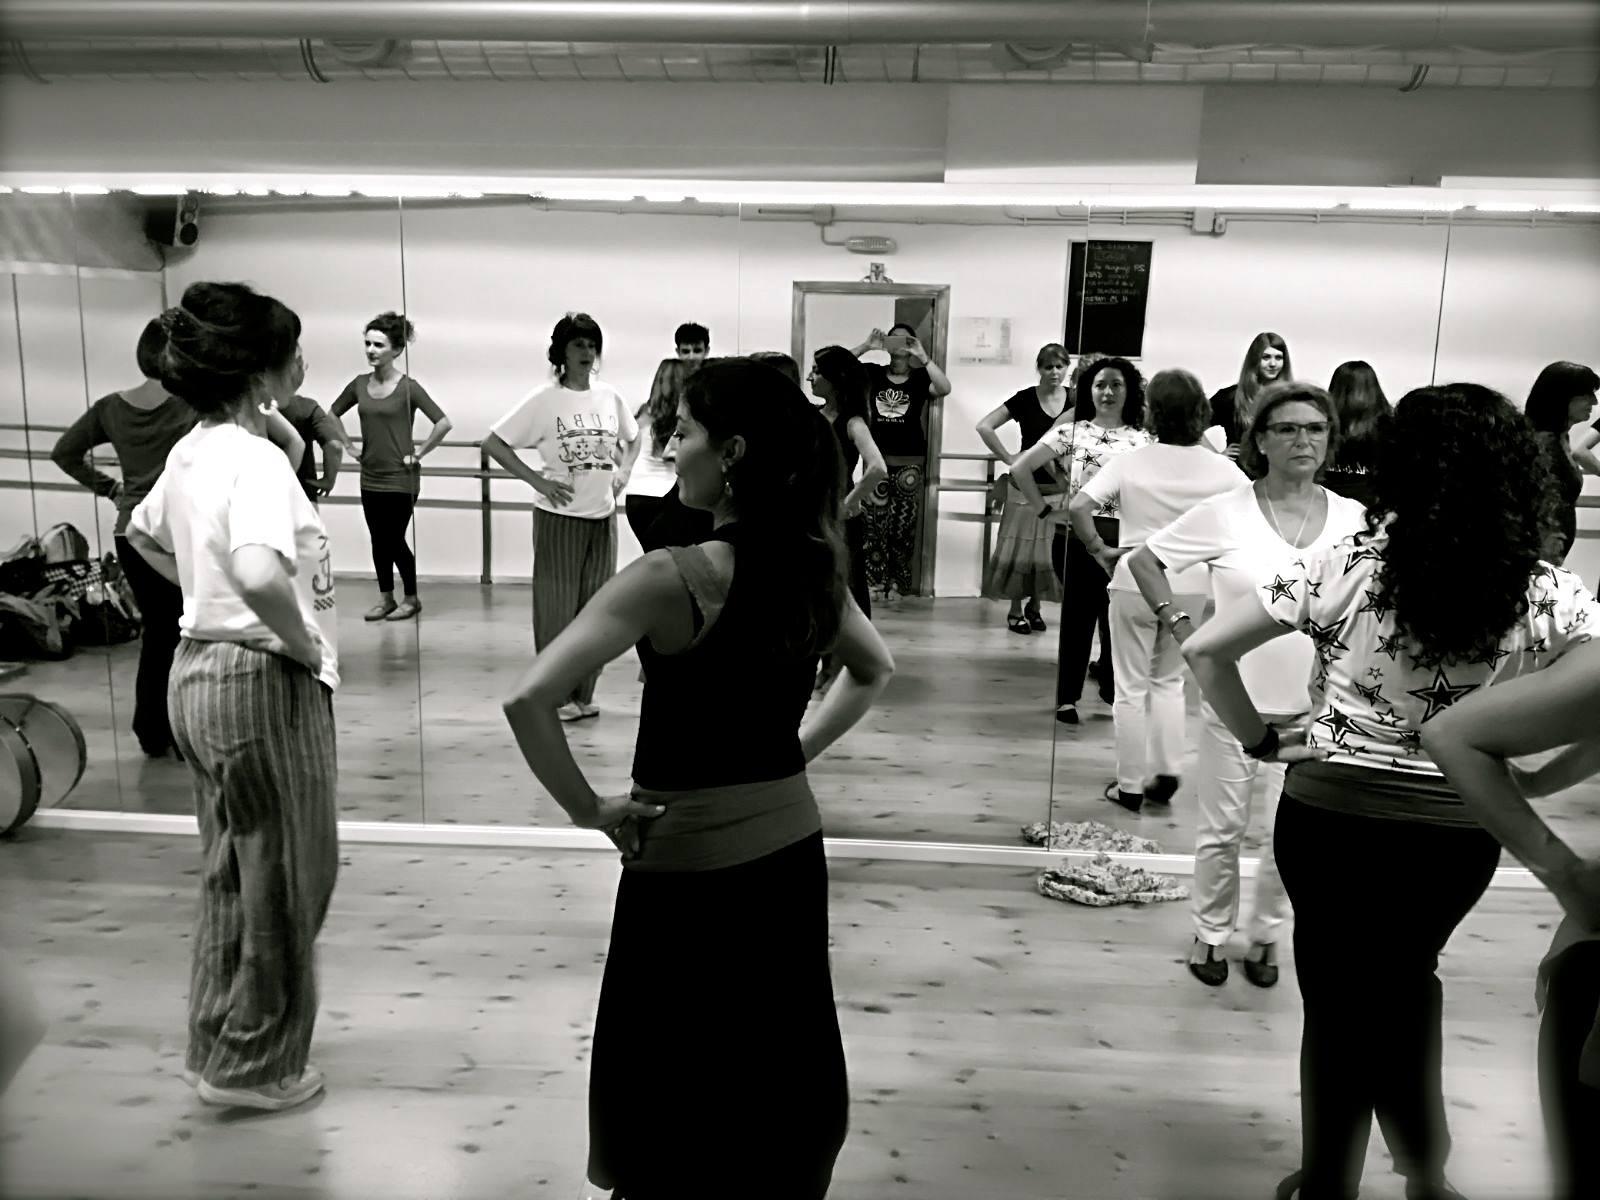 Incontro di balli popolari